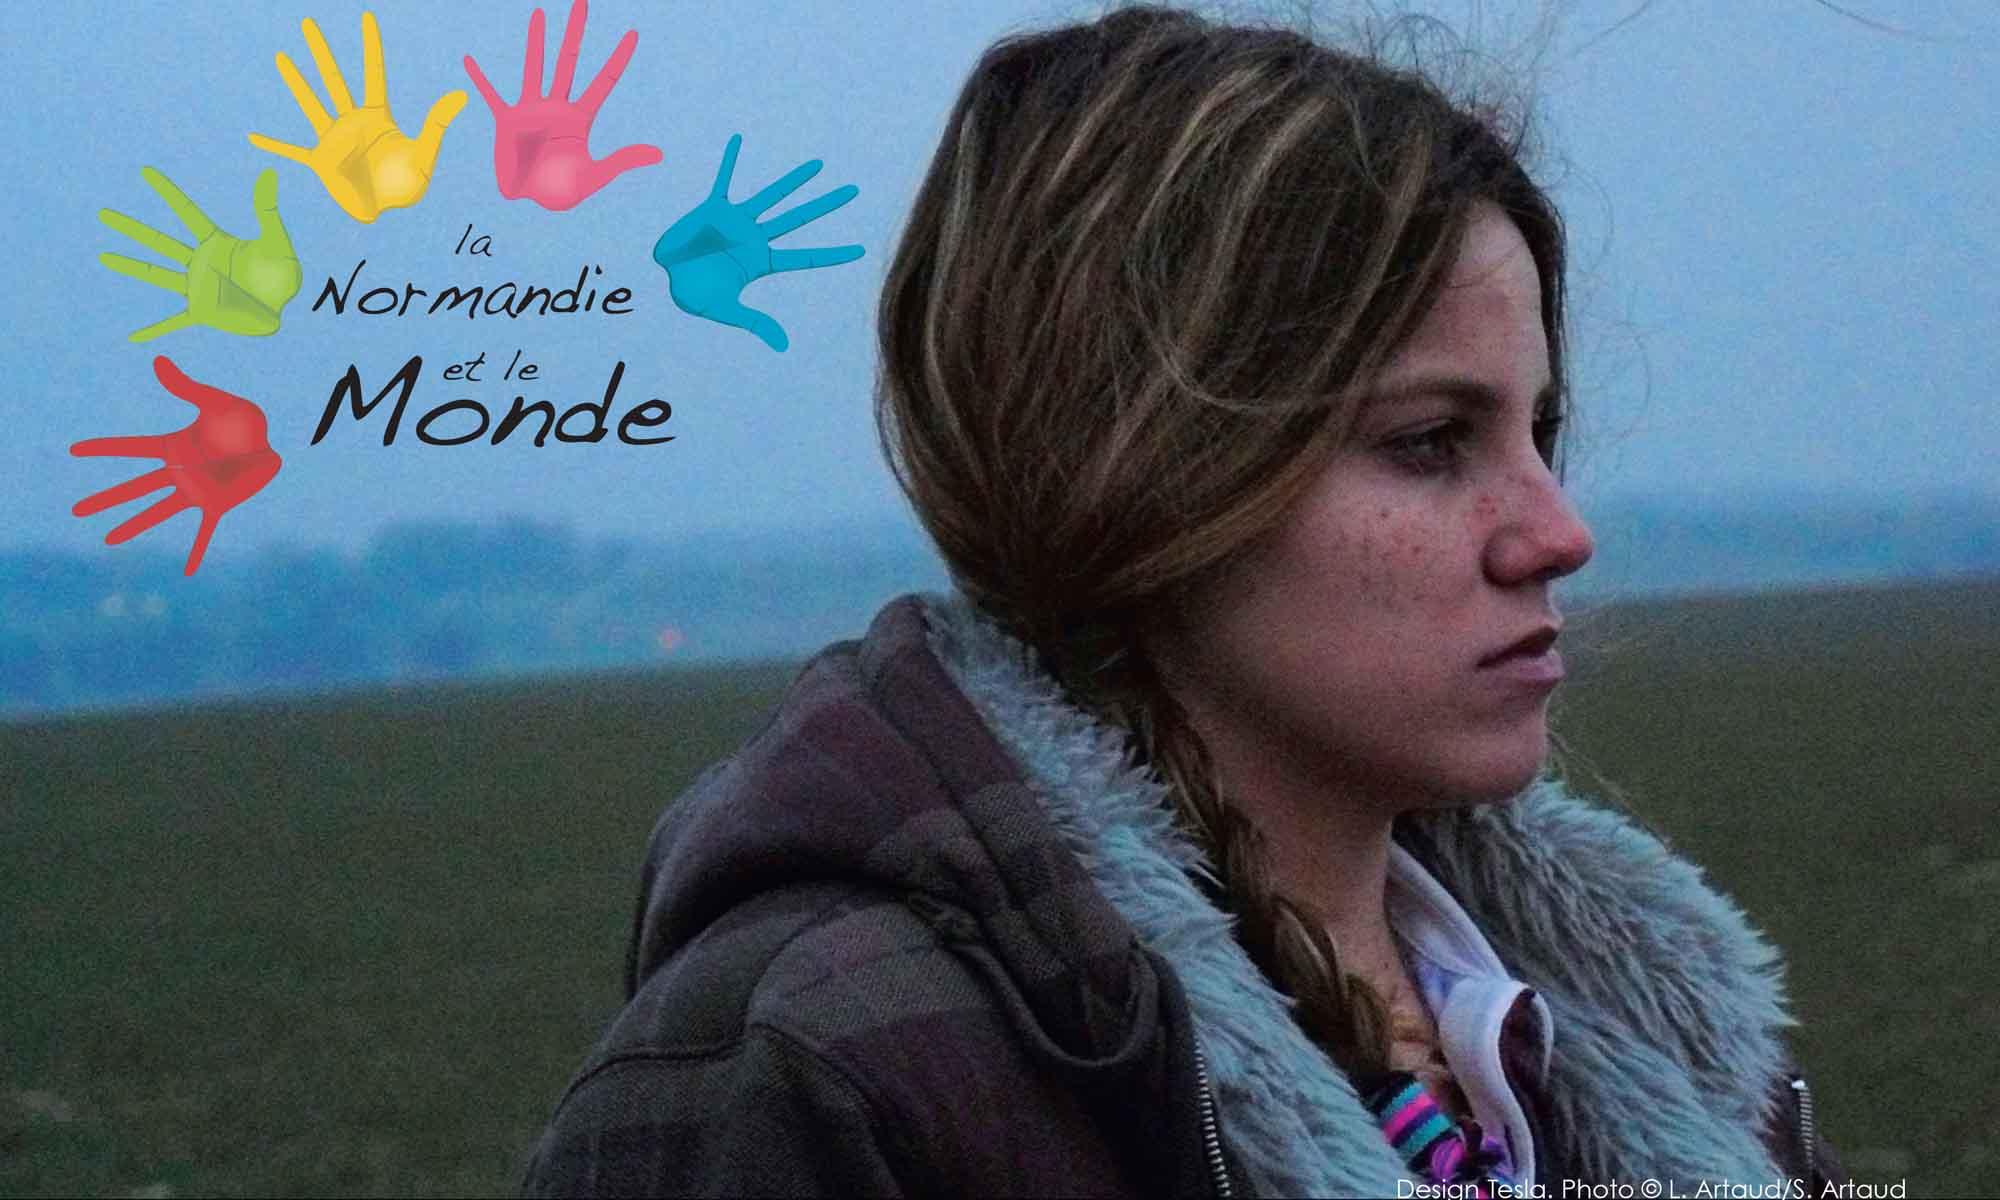 Affiche du festival La Normandie et le Monde, édition 2012 (affiche créée par Elizabeth Tesla, photo L. Artaud S. Artaud